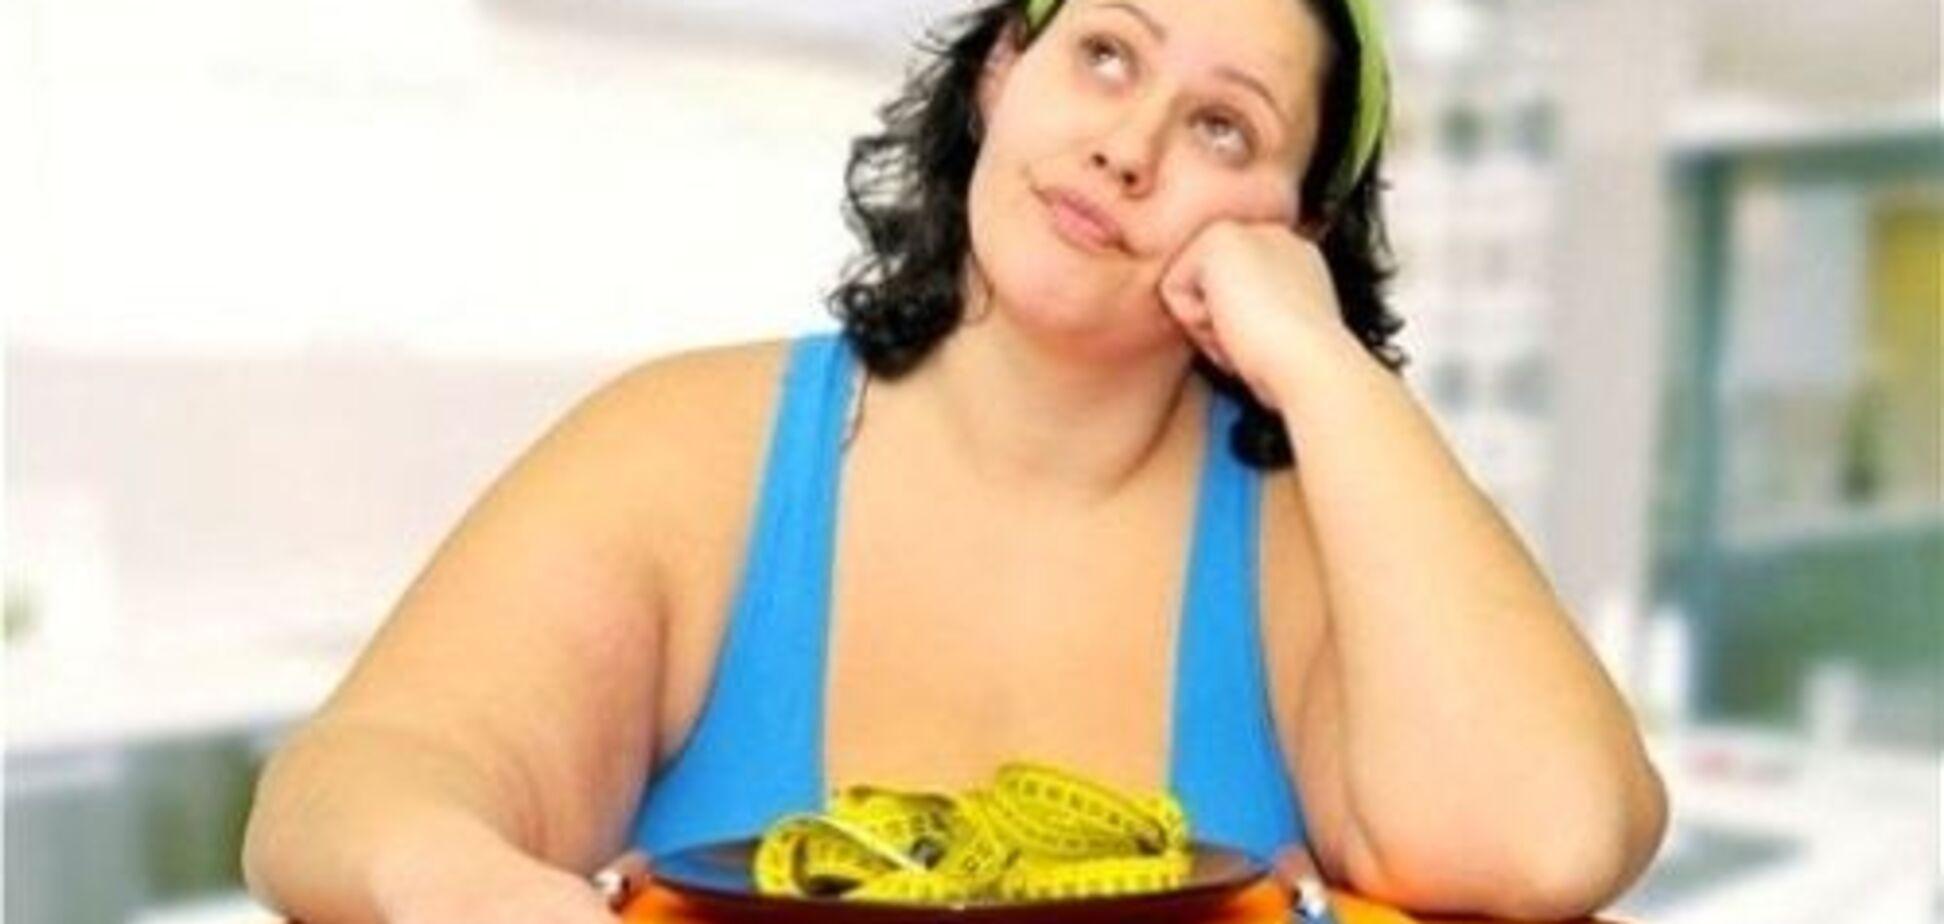 Лишний вес и генетика: виноваты родители?